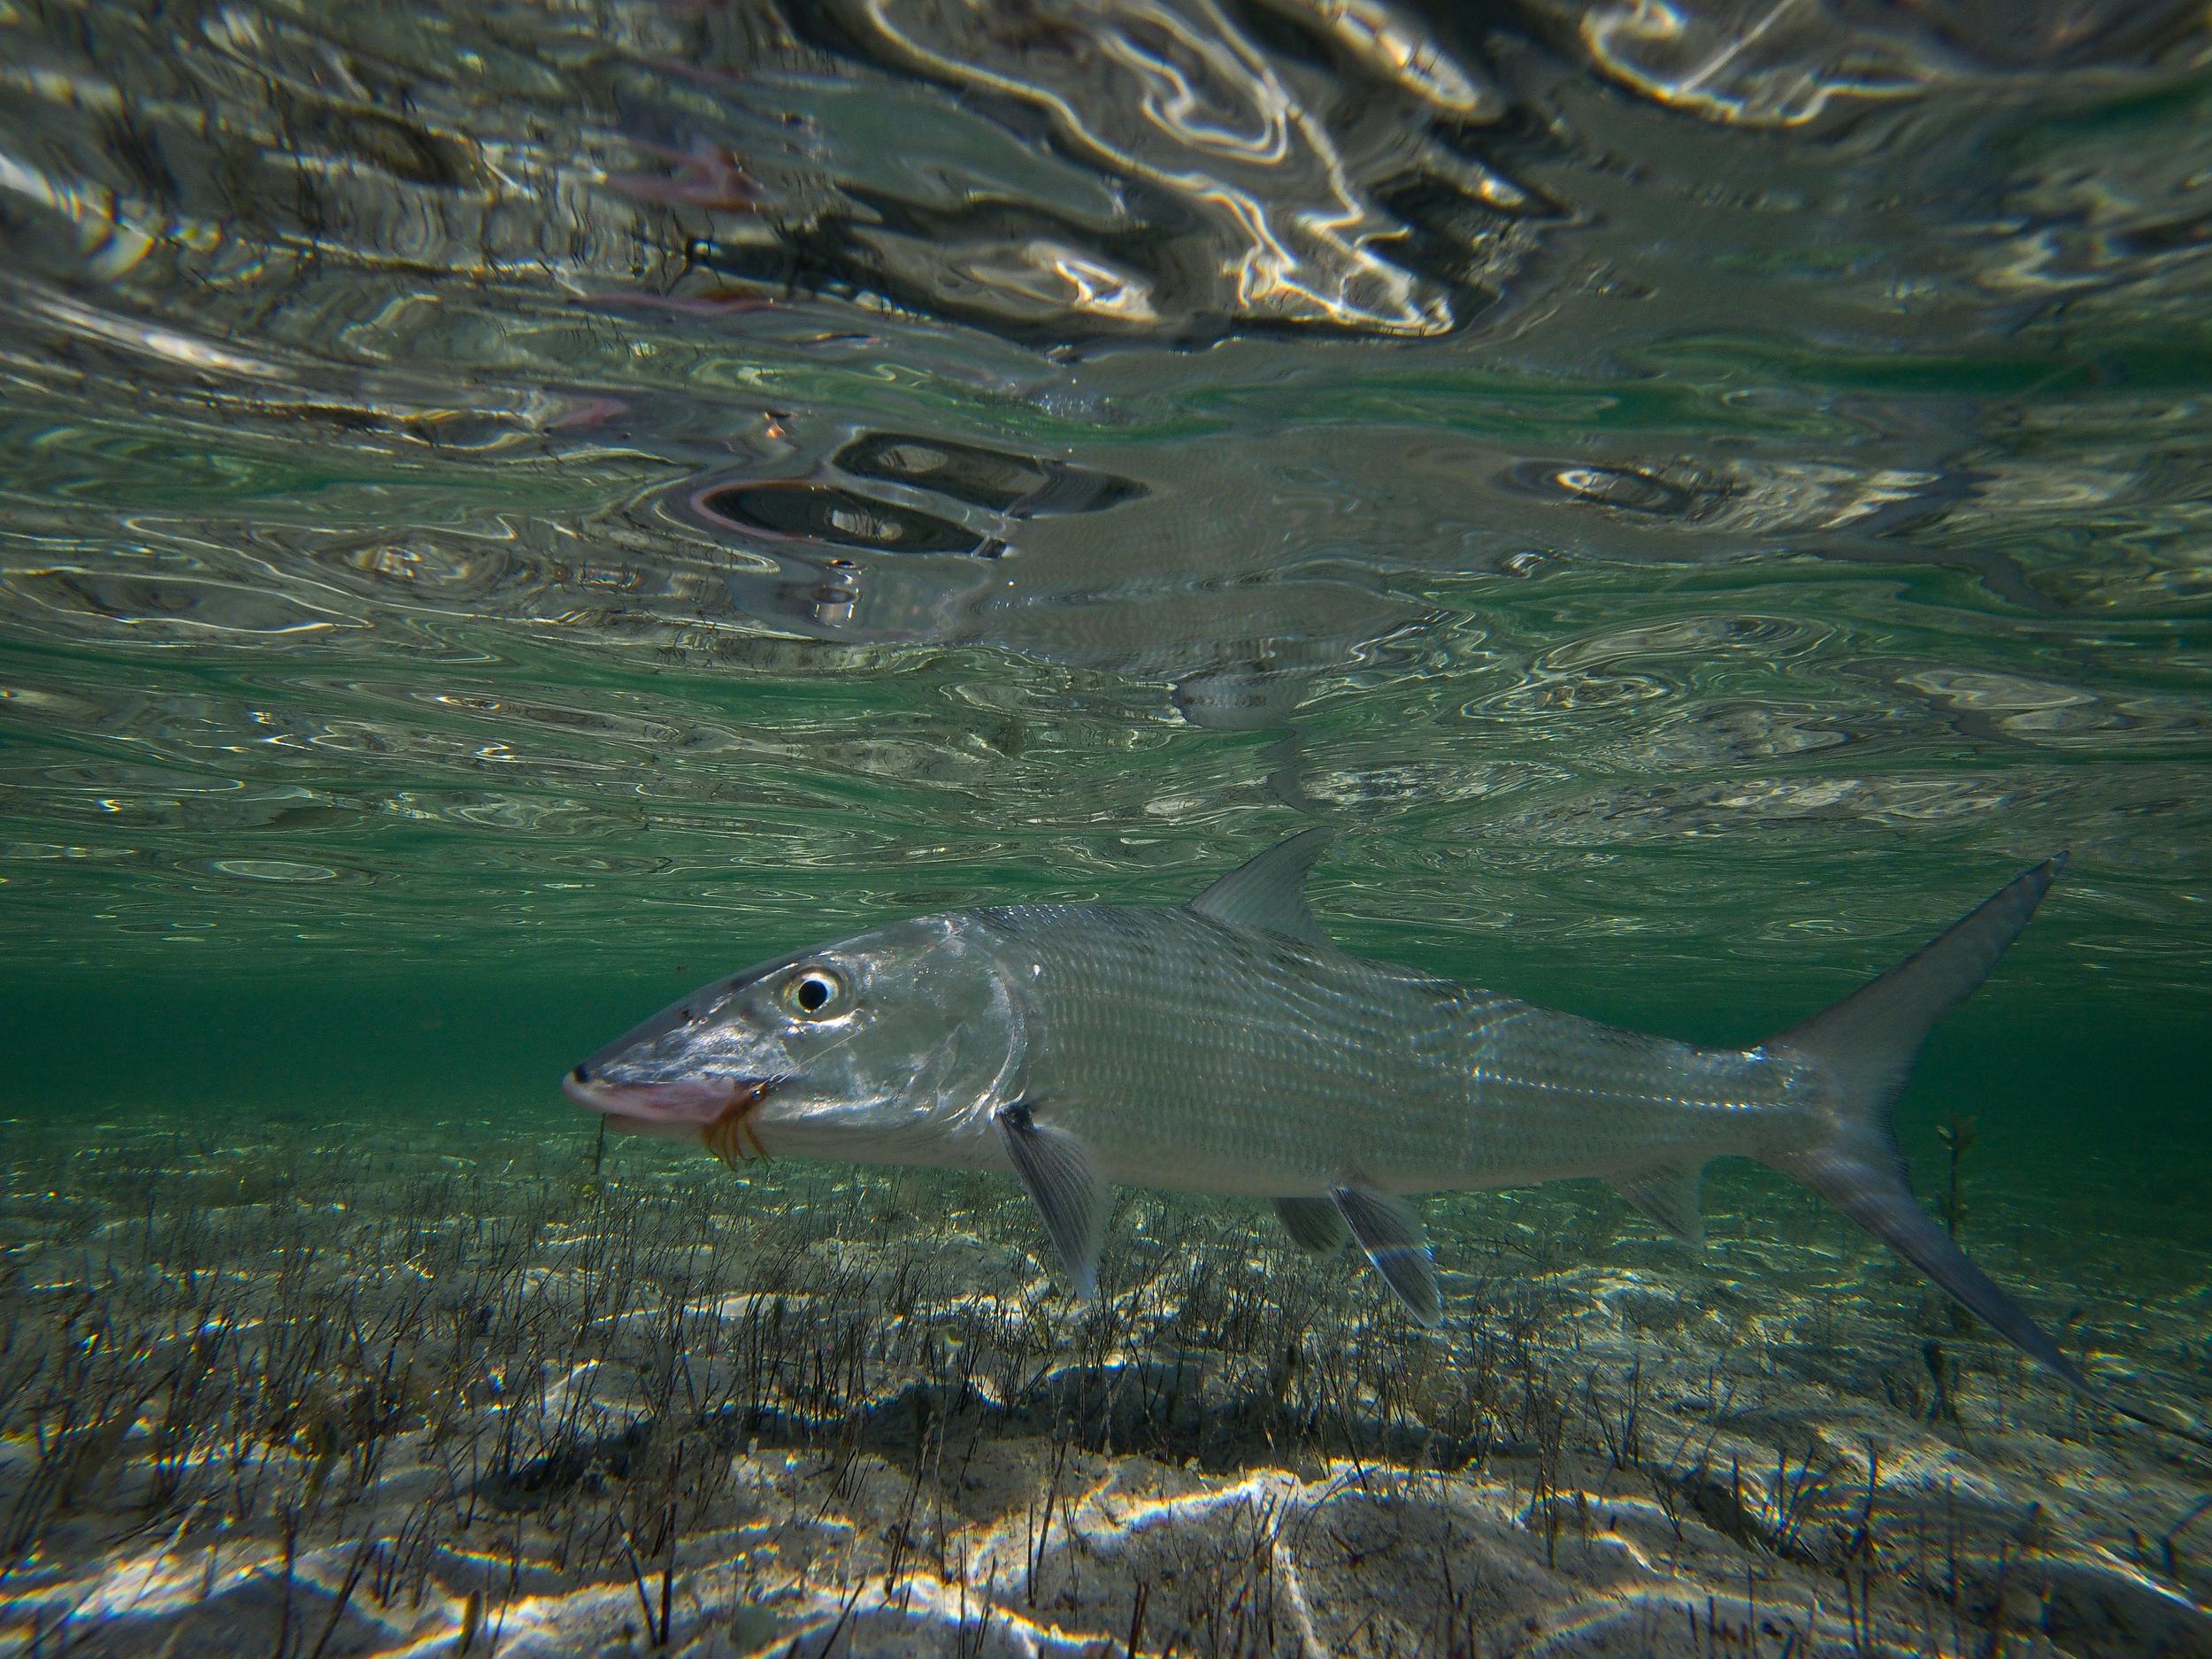 Underwater Bonefish, Jardines de la Reina, Cuba